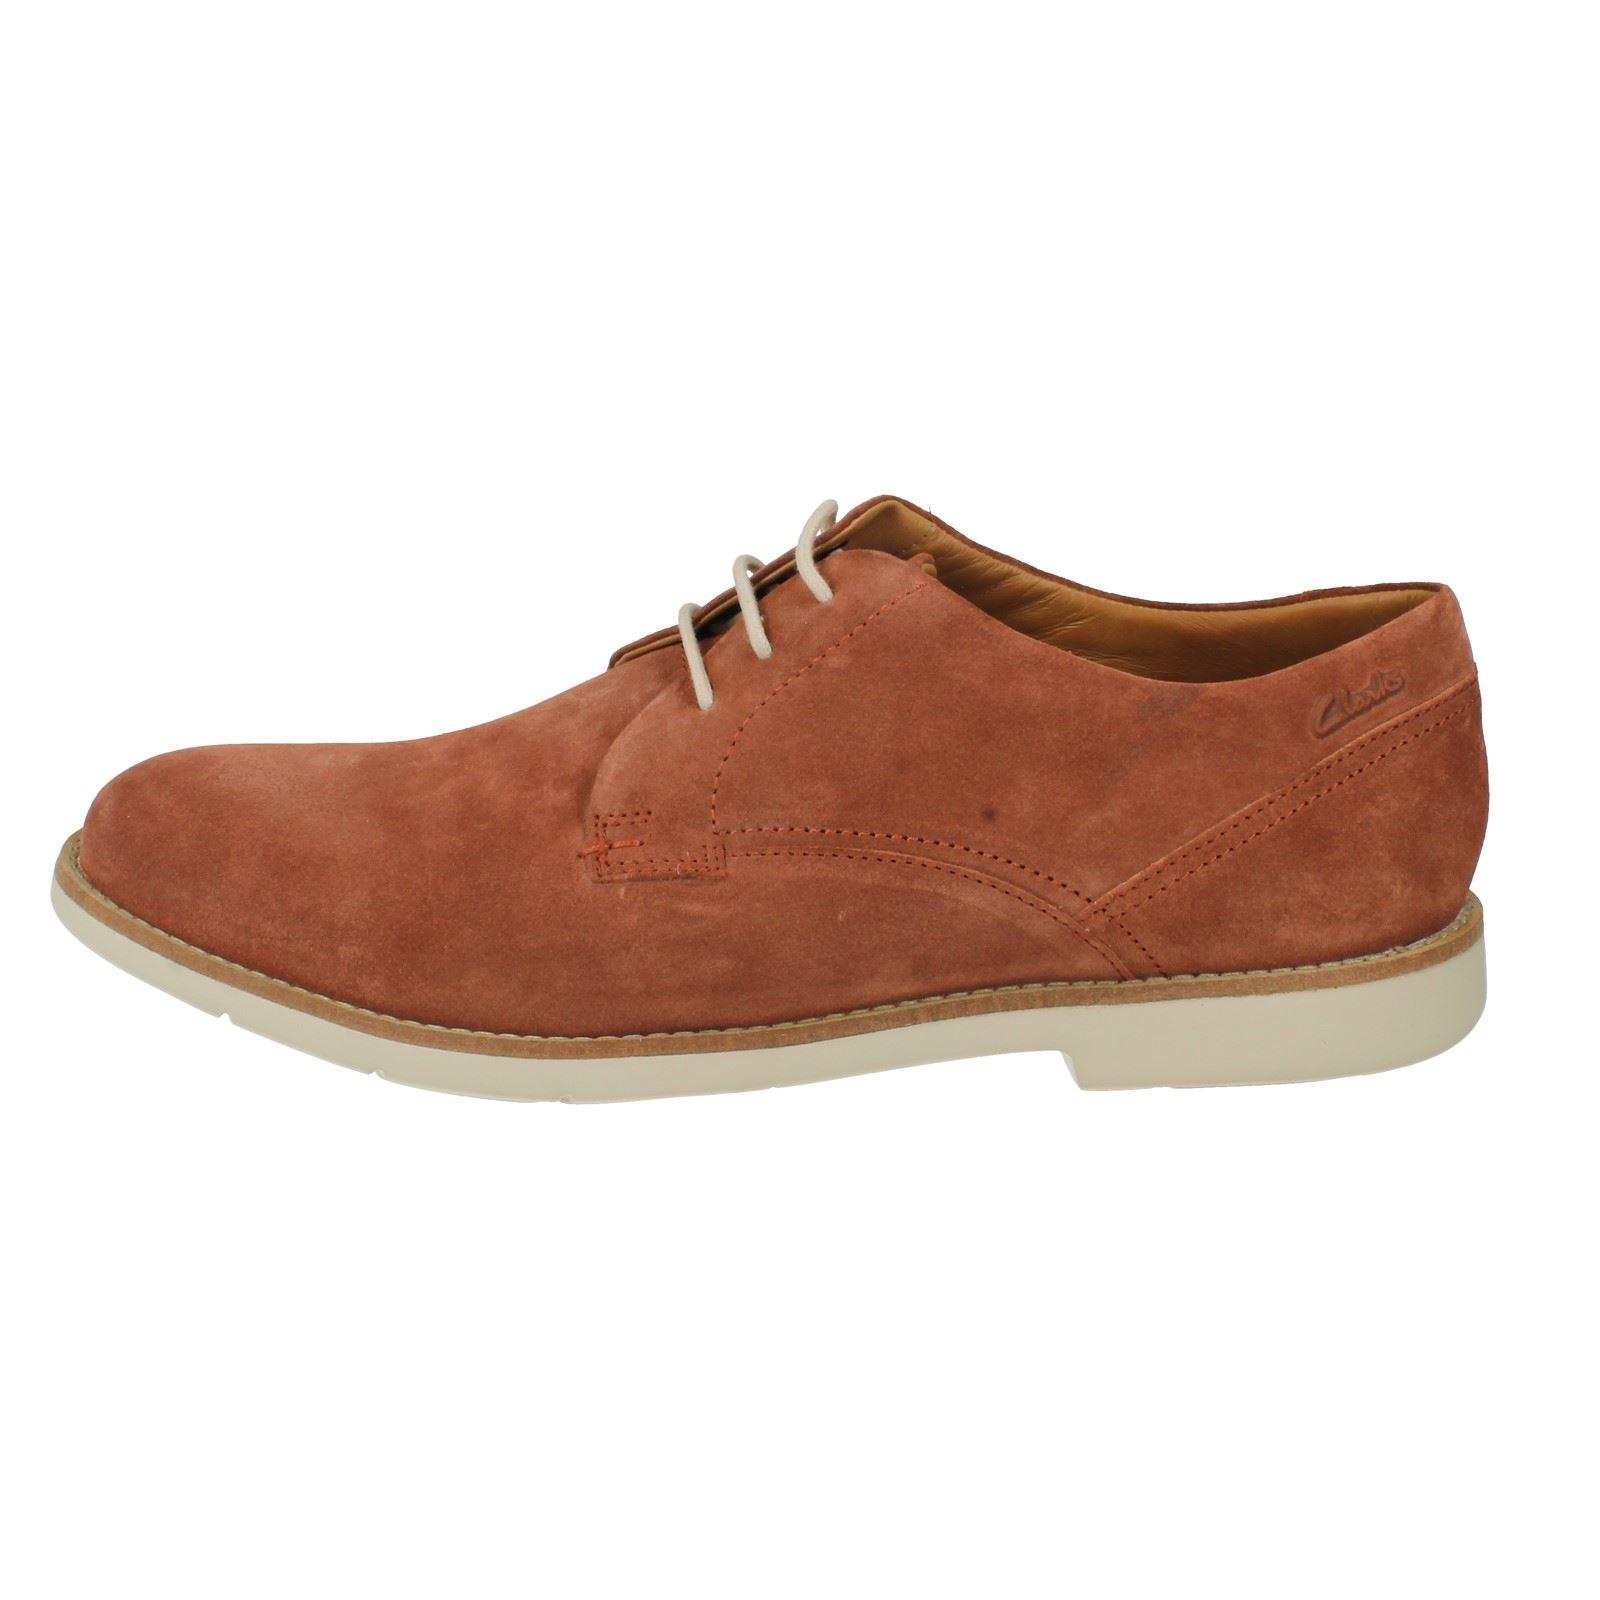 Para Hombre Clarks Casual lazada Raspin Zapatos Raspin lazada Plan 0e94a2